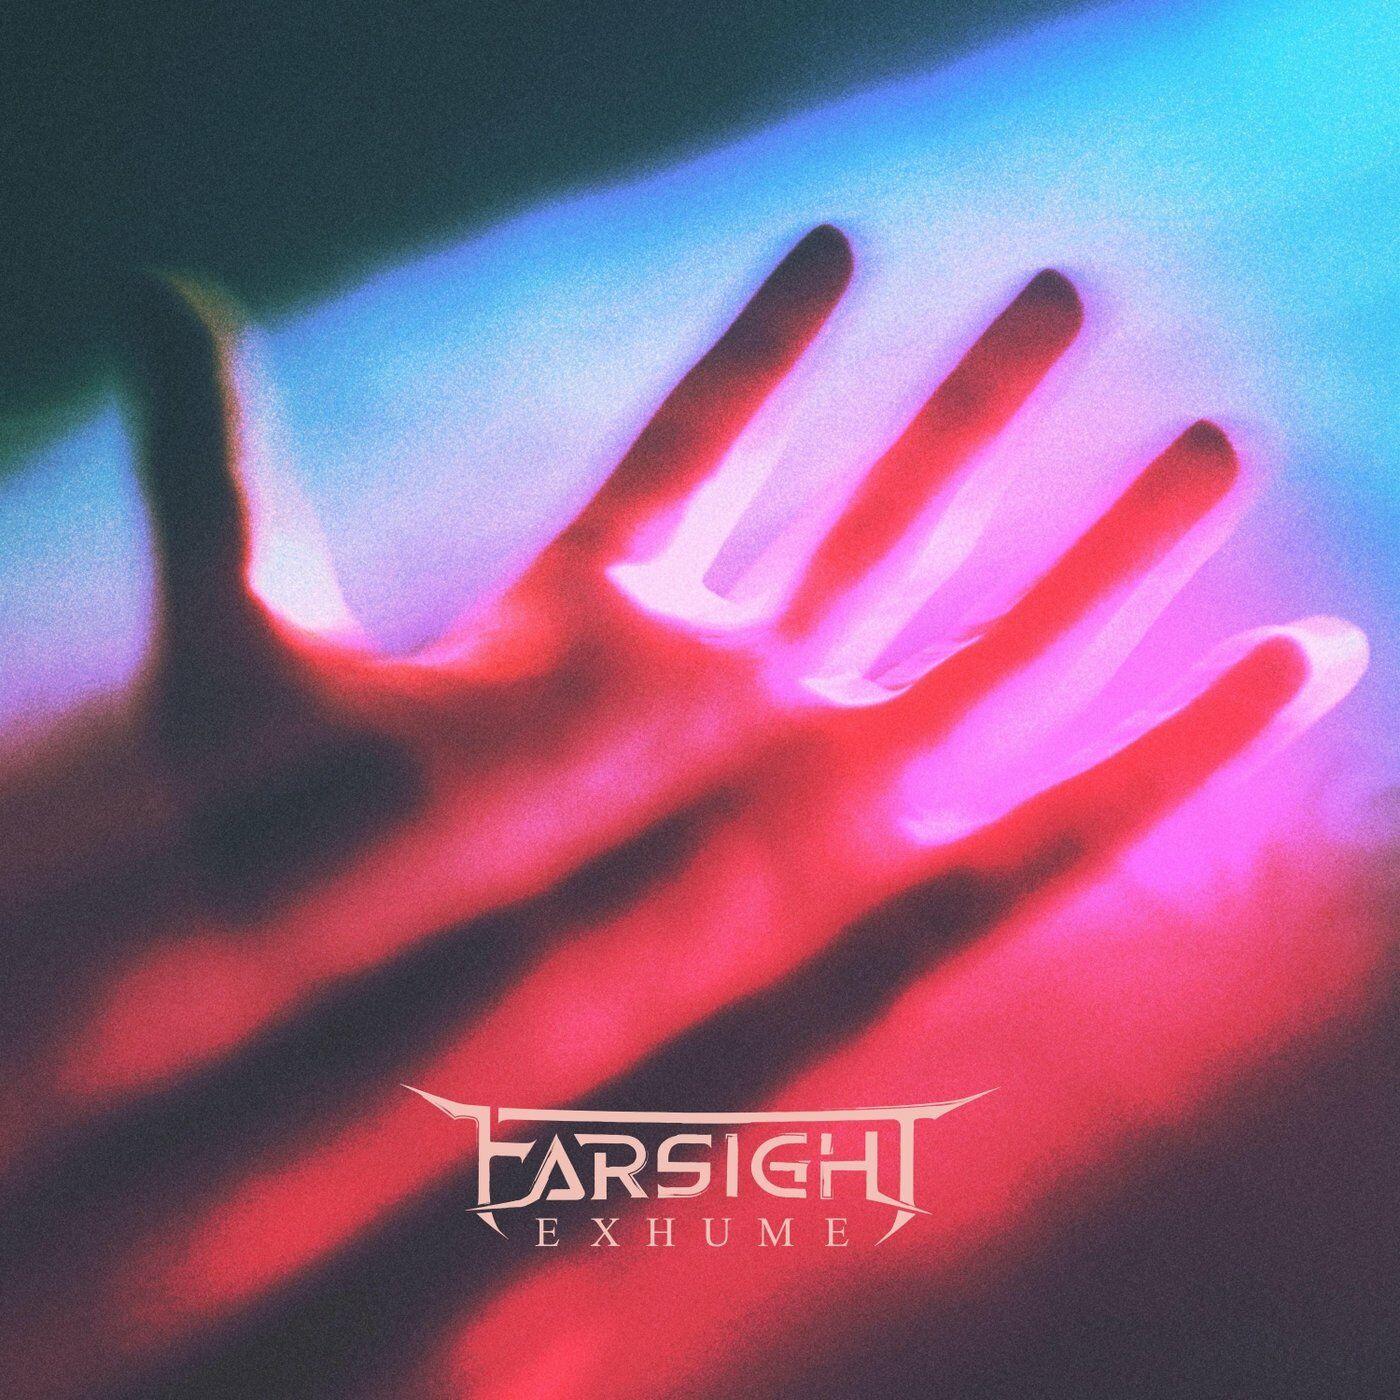 Farsight - Exhume [EP] (2021)